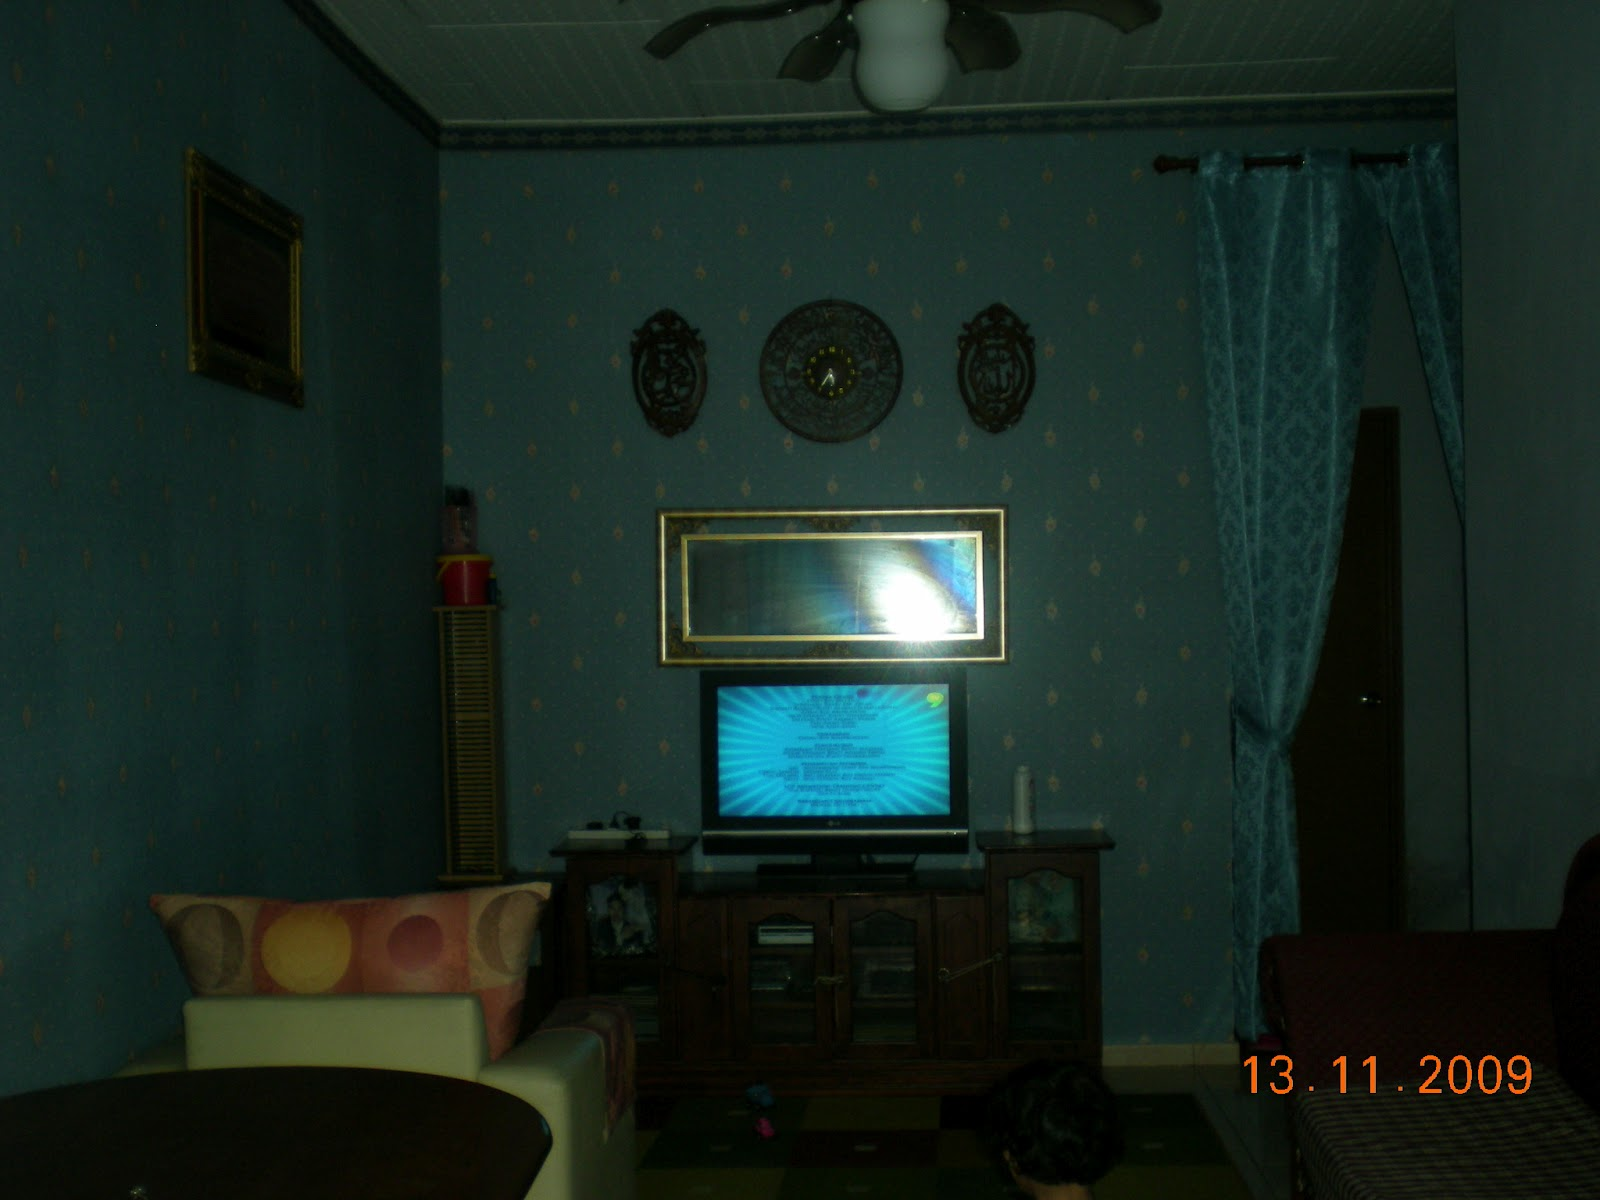 http://2.bp.blogspot.com/-Hcno986c0ks/Ty4ex0DbcGI/AAAAAAAAHNI/vy3LqCev5BI/s1600/DSCN0455.JPG